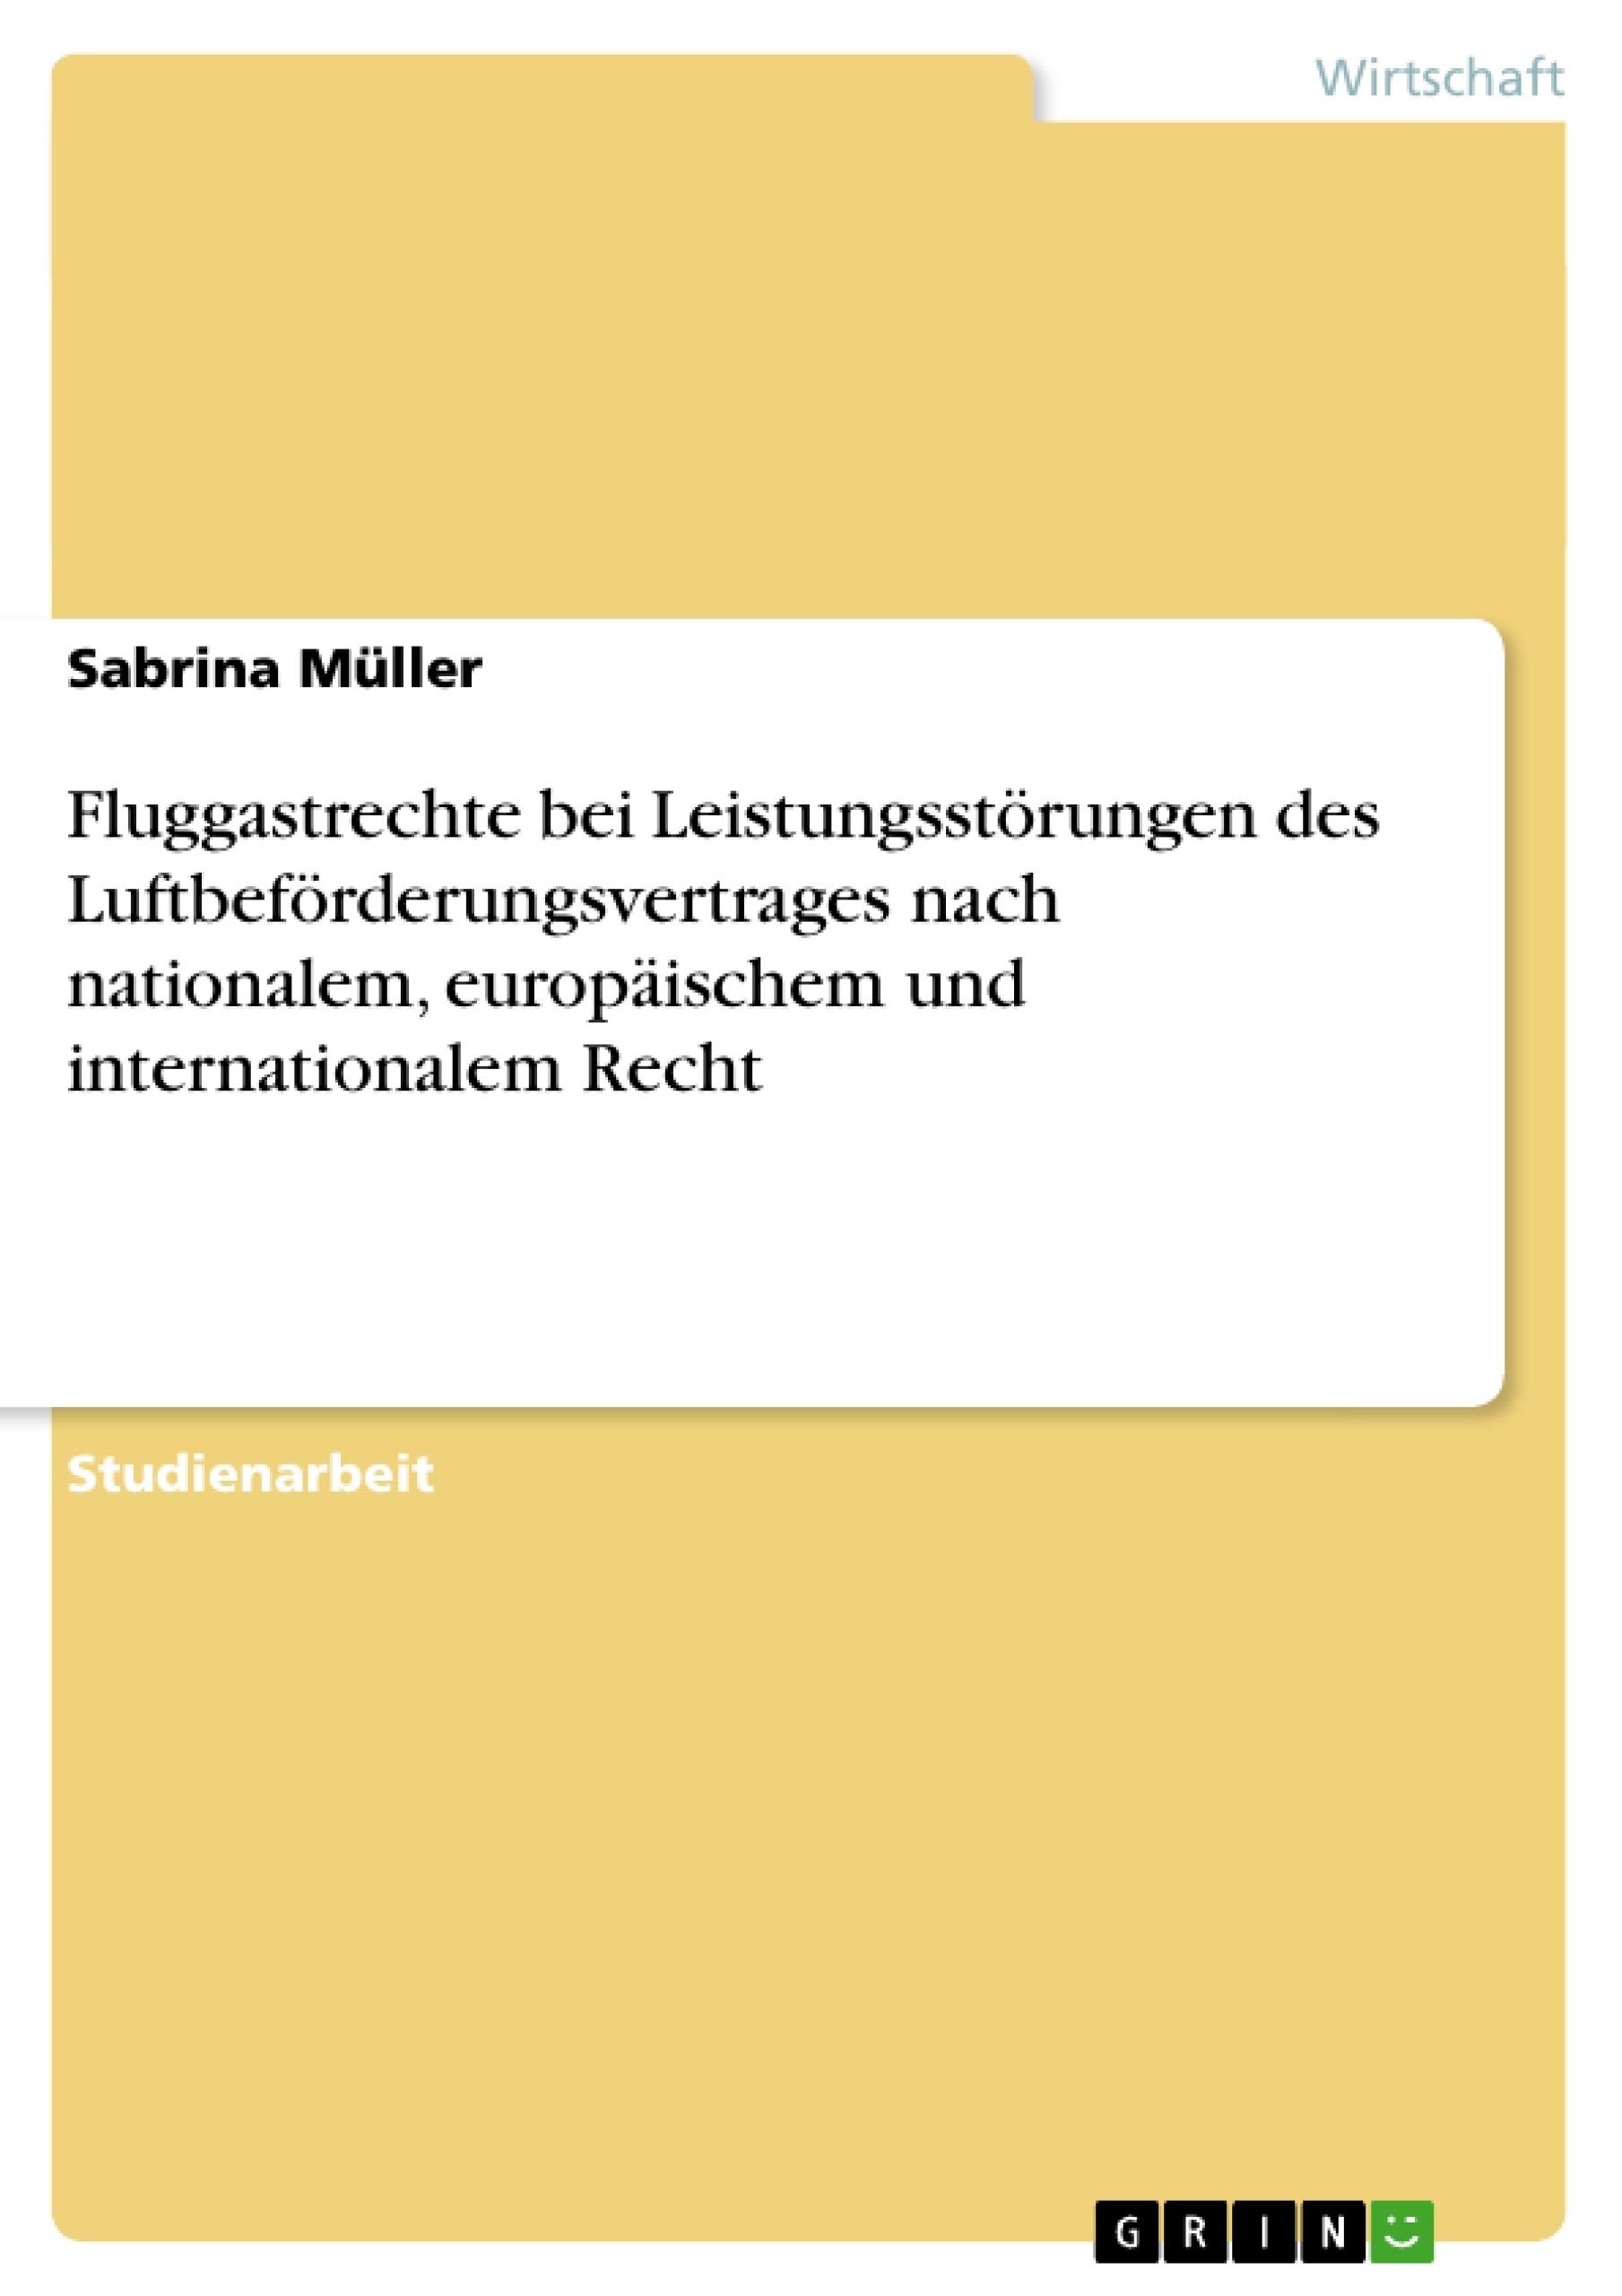 Titel: Fluggastrechte bei Leistungsstörungen des Luftbeförderungsvertrages nach nationalem, europäischem und internationalem Recht